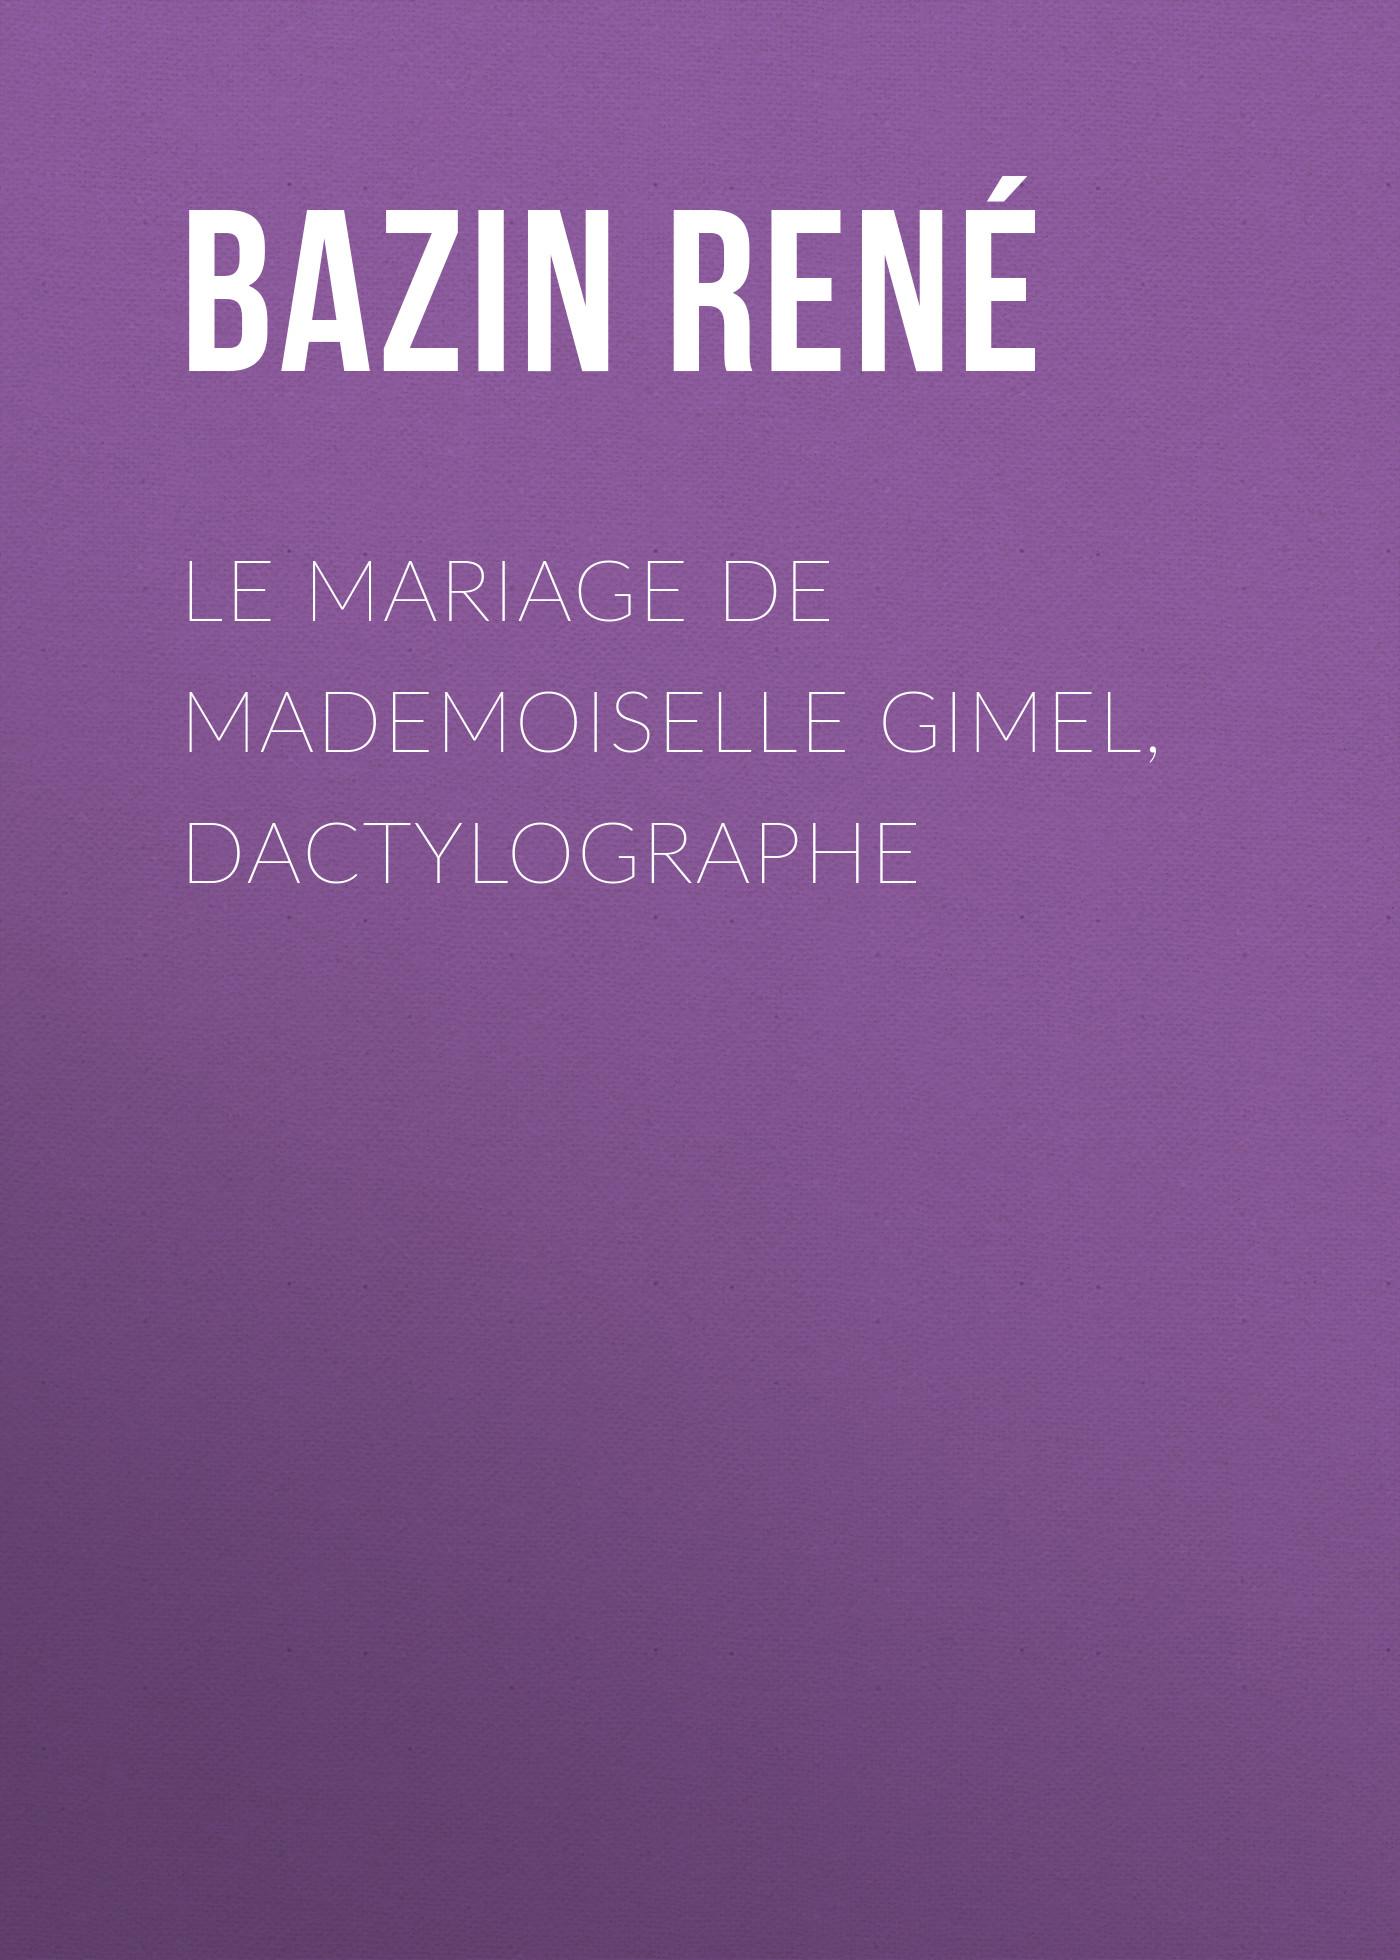 Bazin René Le Mariage de Mademoiselle Gimel, Dactylographe bazin rené the children of alsace les oberlés